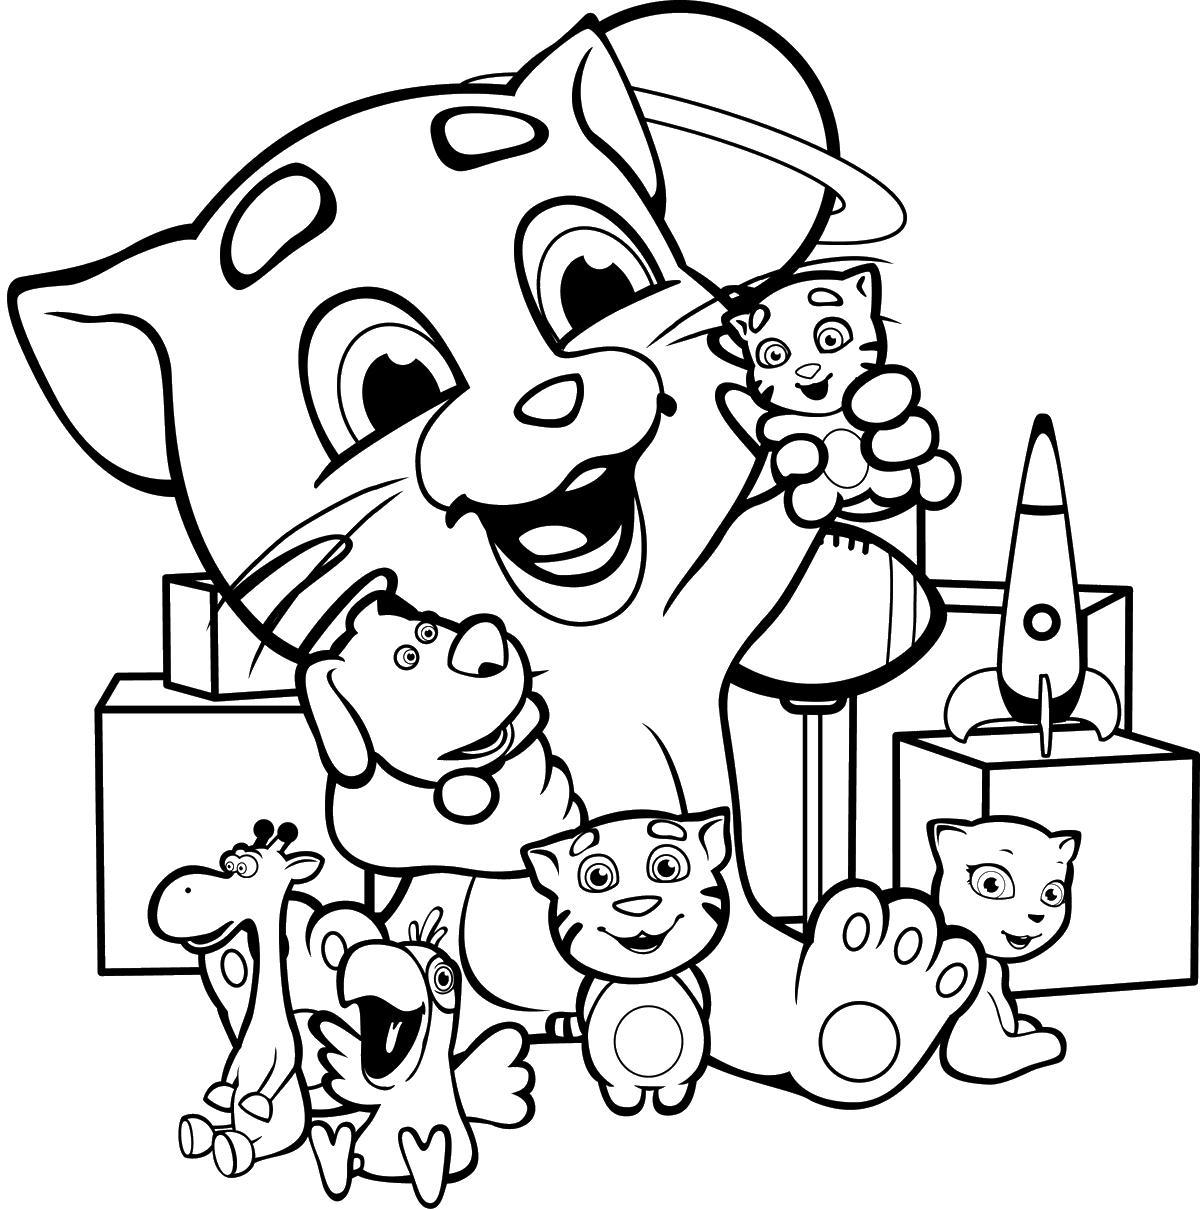 Джинджер играет с игрушками Раскраски с цветами распечатать бесплатно